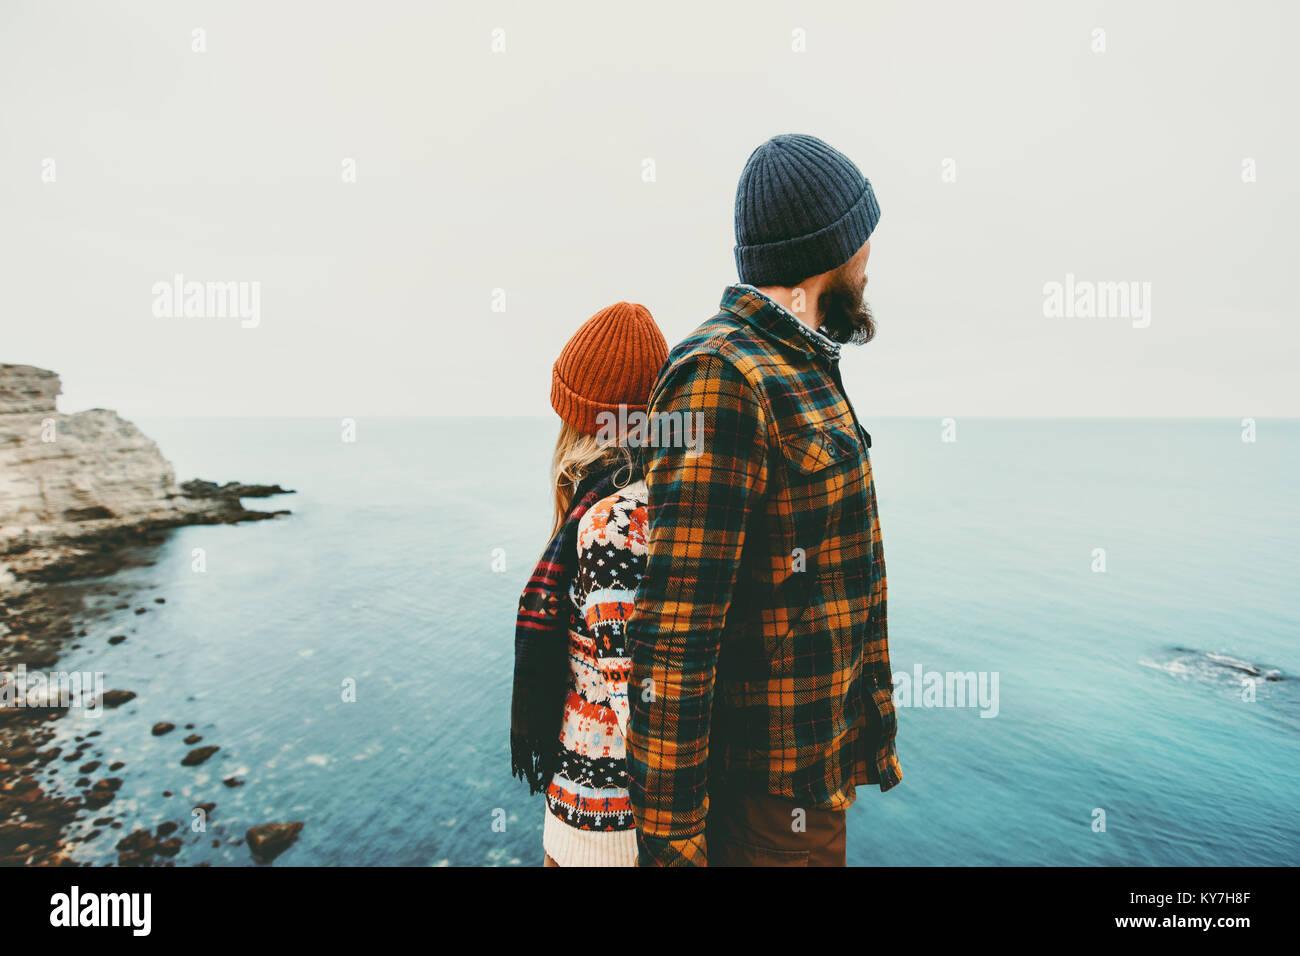 Paar liebenden Mann und eine Frau stehen Rücken zusammen, Liebe und Reisen gerne Emotionen Lifestyle Konzept. Stockbild